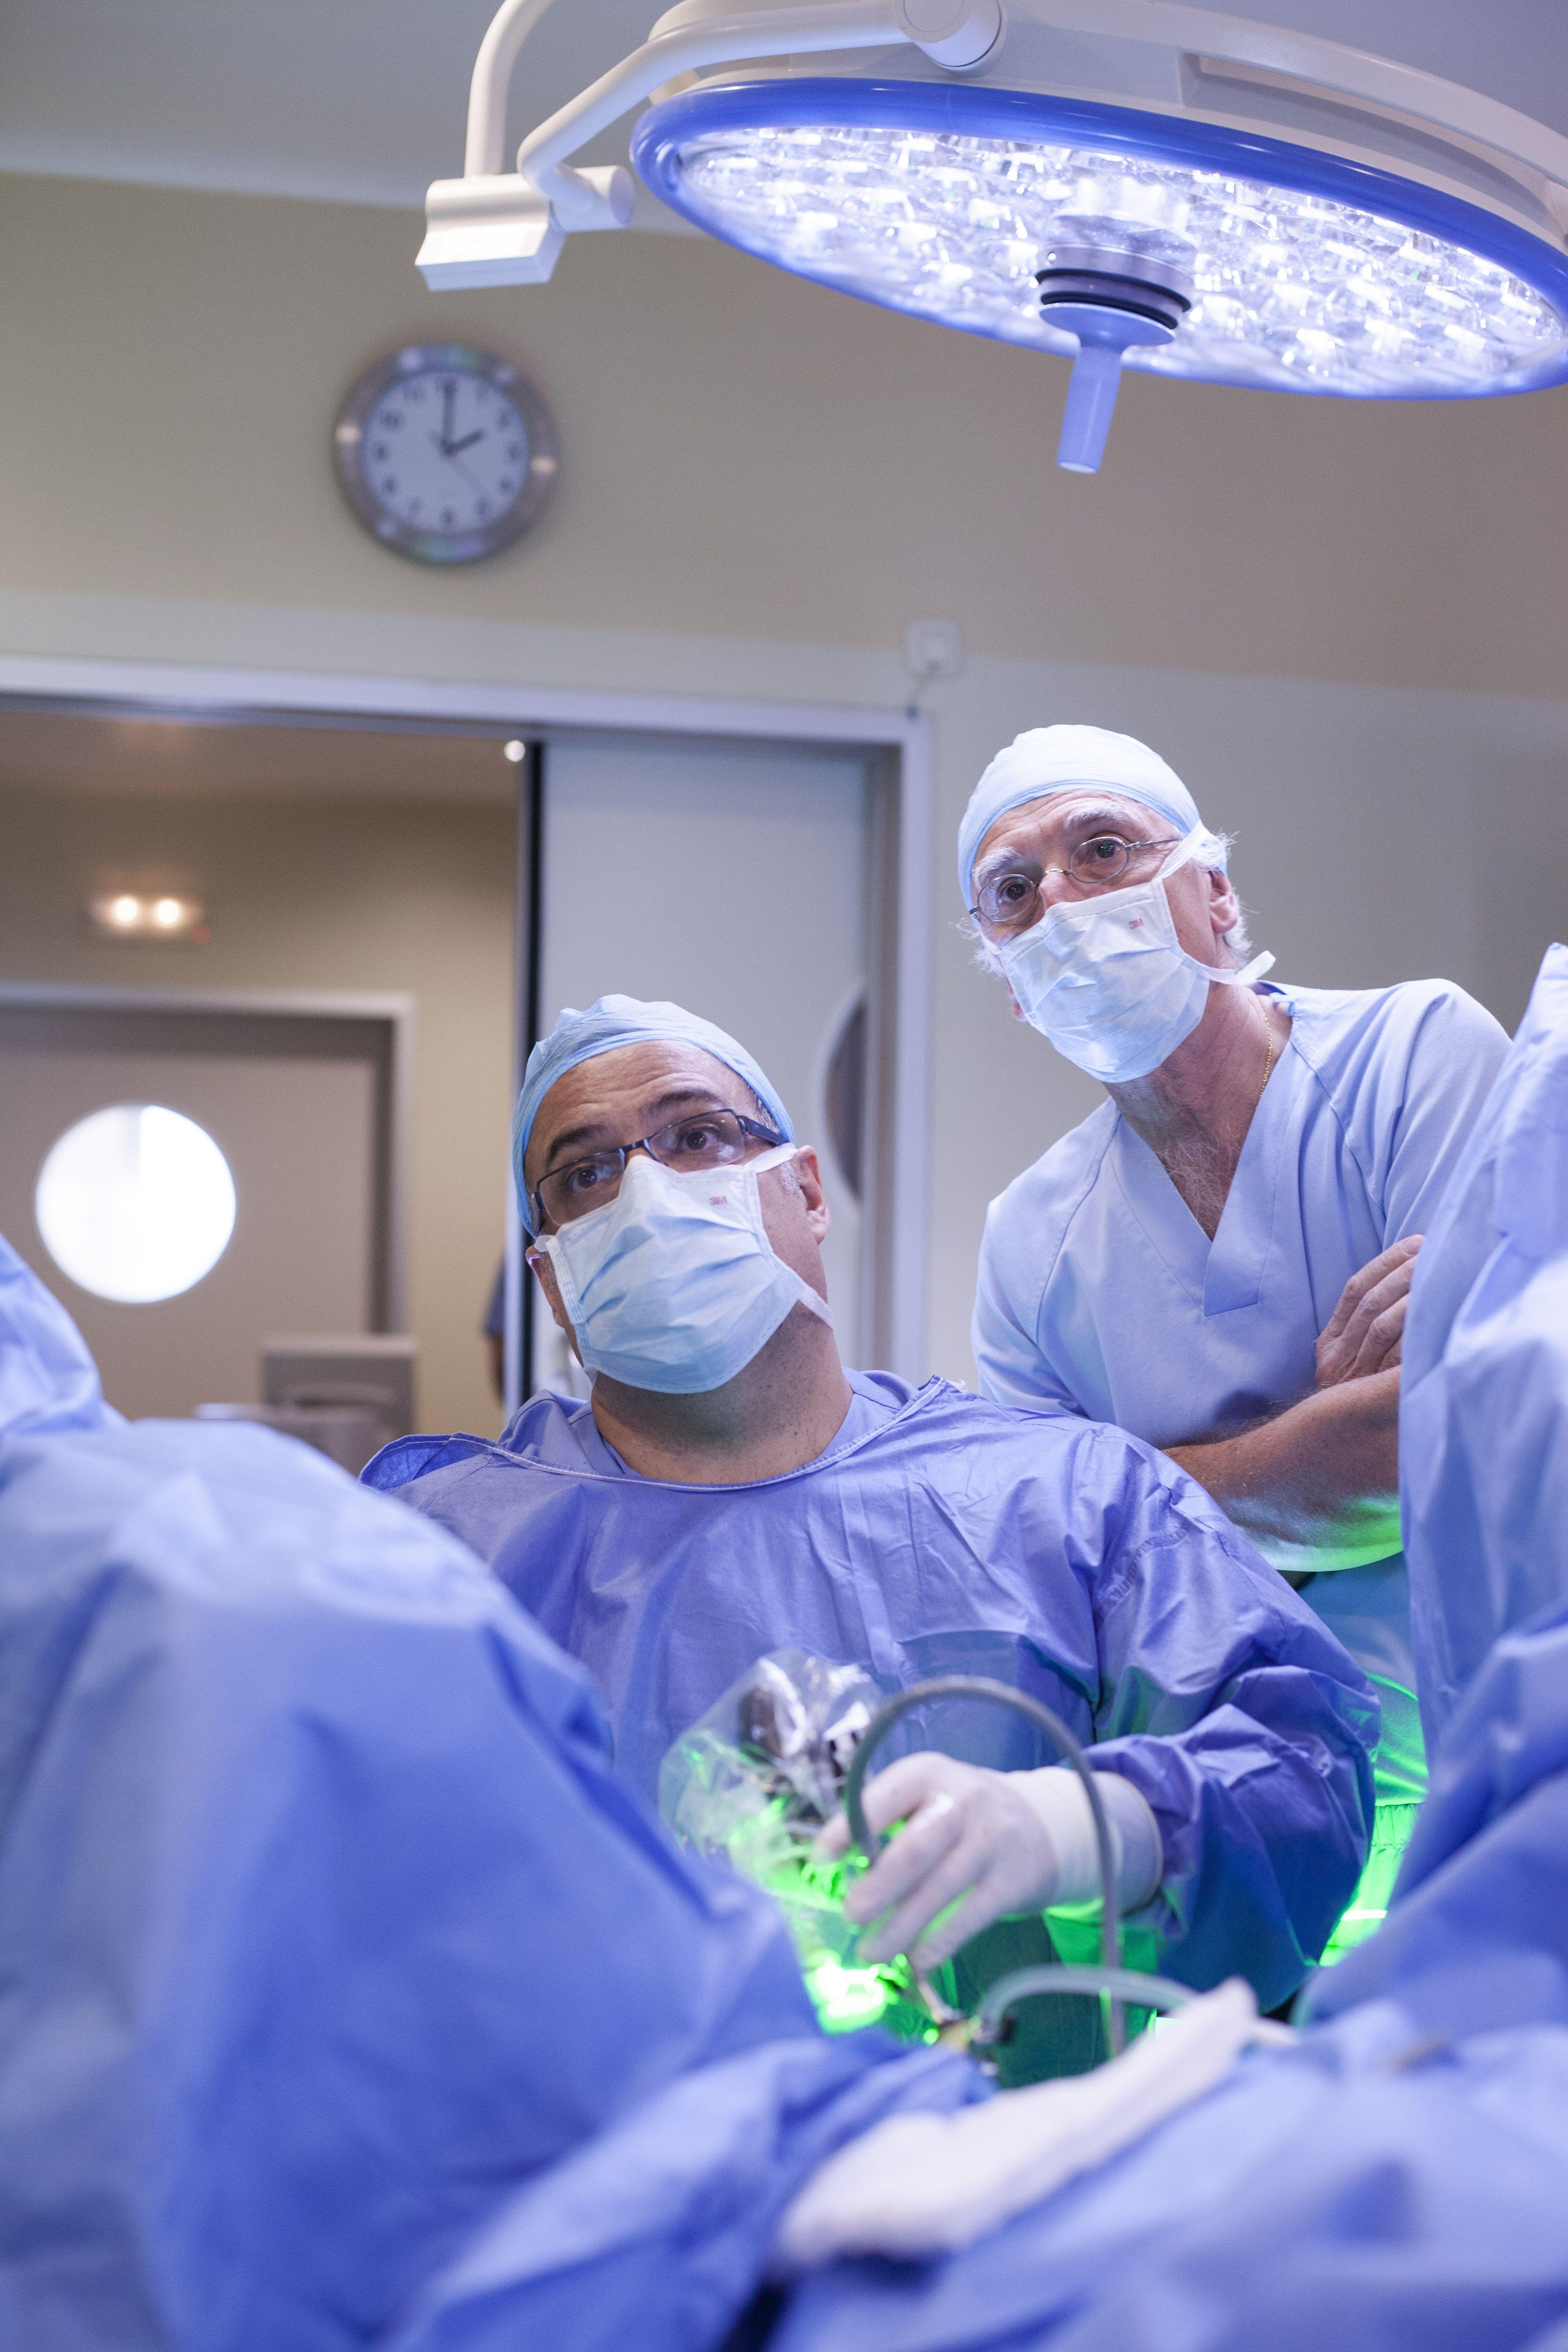 fotovaporizacion de próstata con laser verde